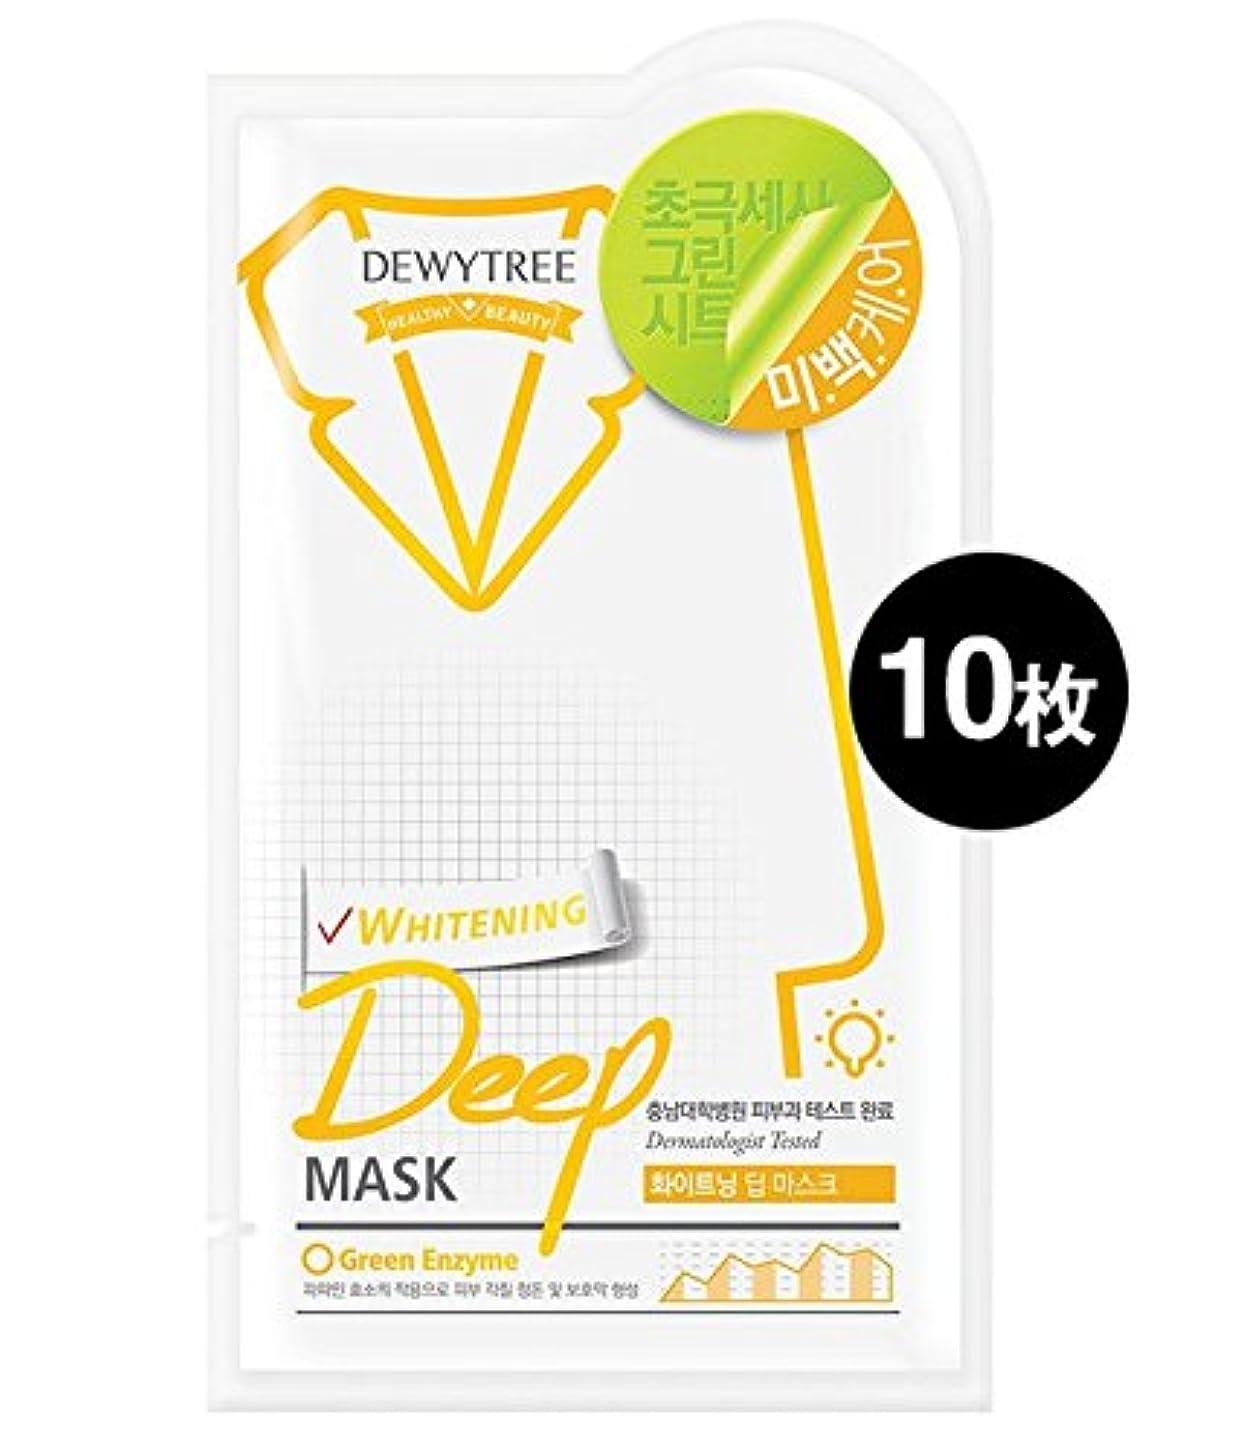 忘れられない爆発電極(デューイトゥリー) DEWYTREE ホワイトニングディープマスク 10枚 Whitening Deep Mask 韓国マスクパック (並行輸入品)